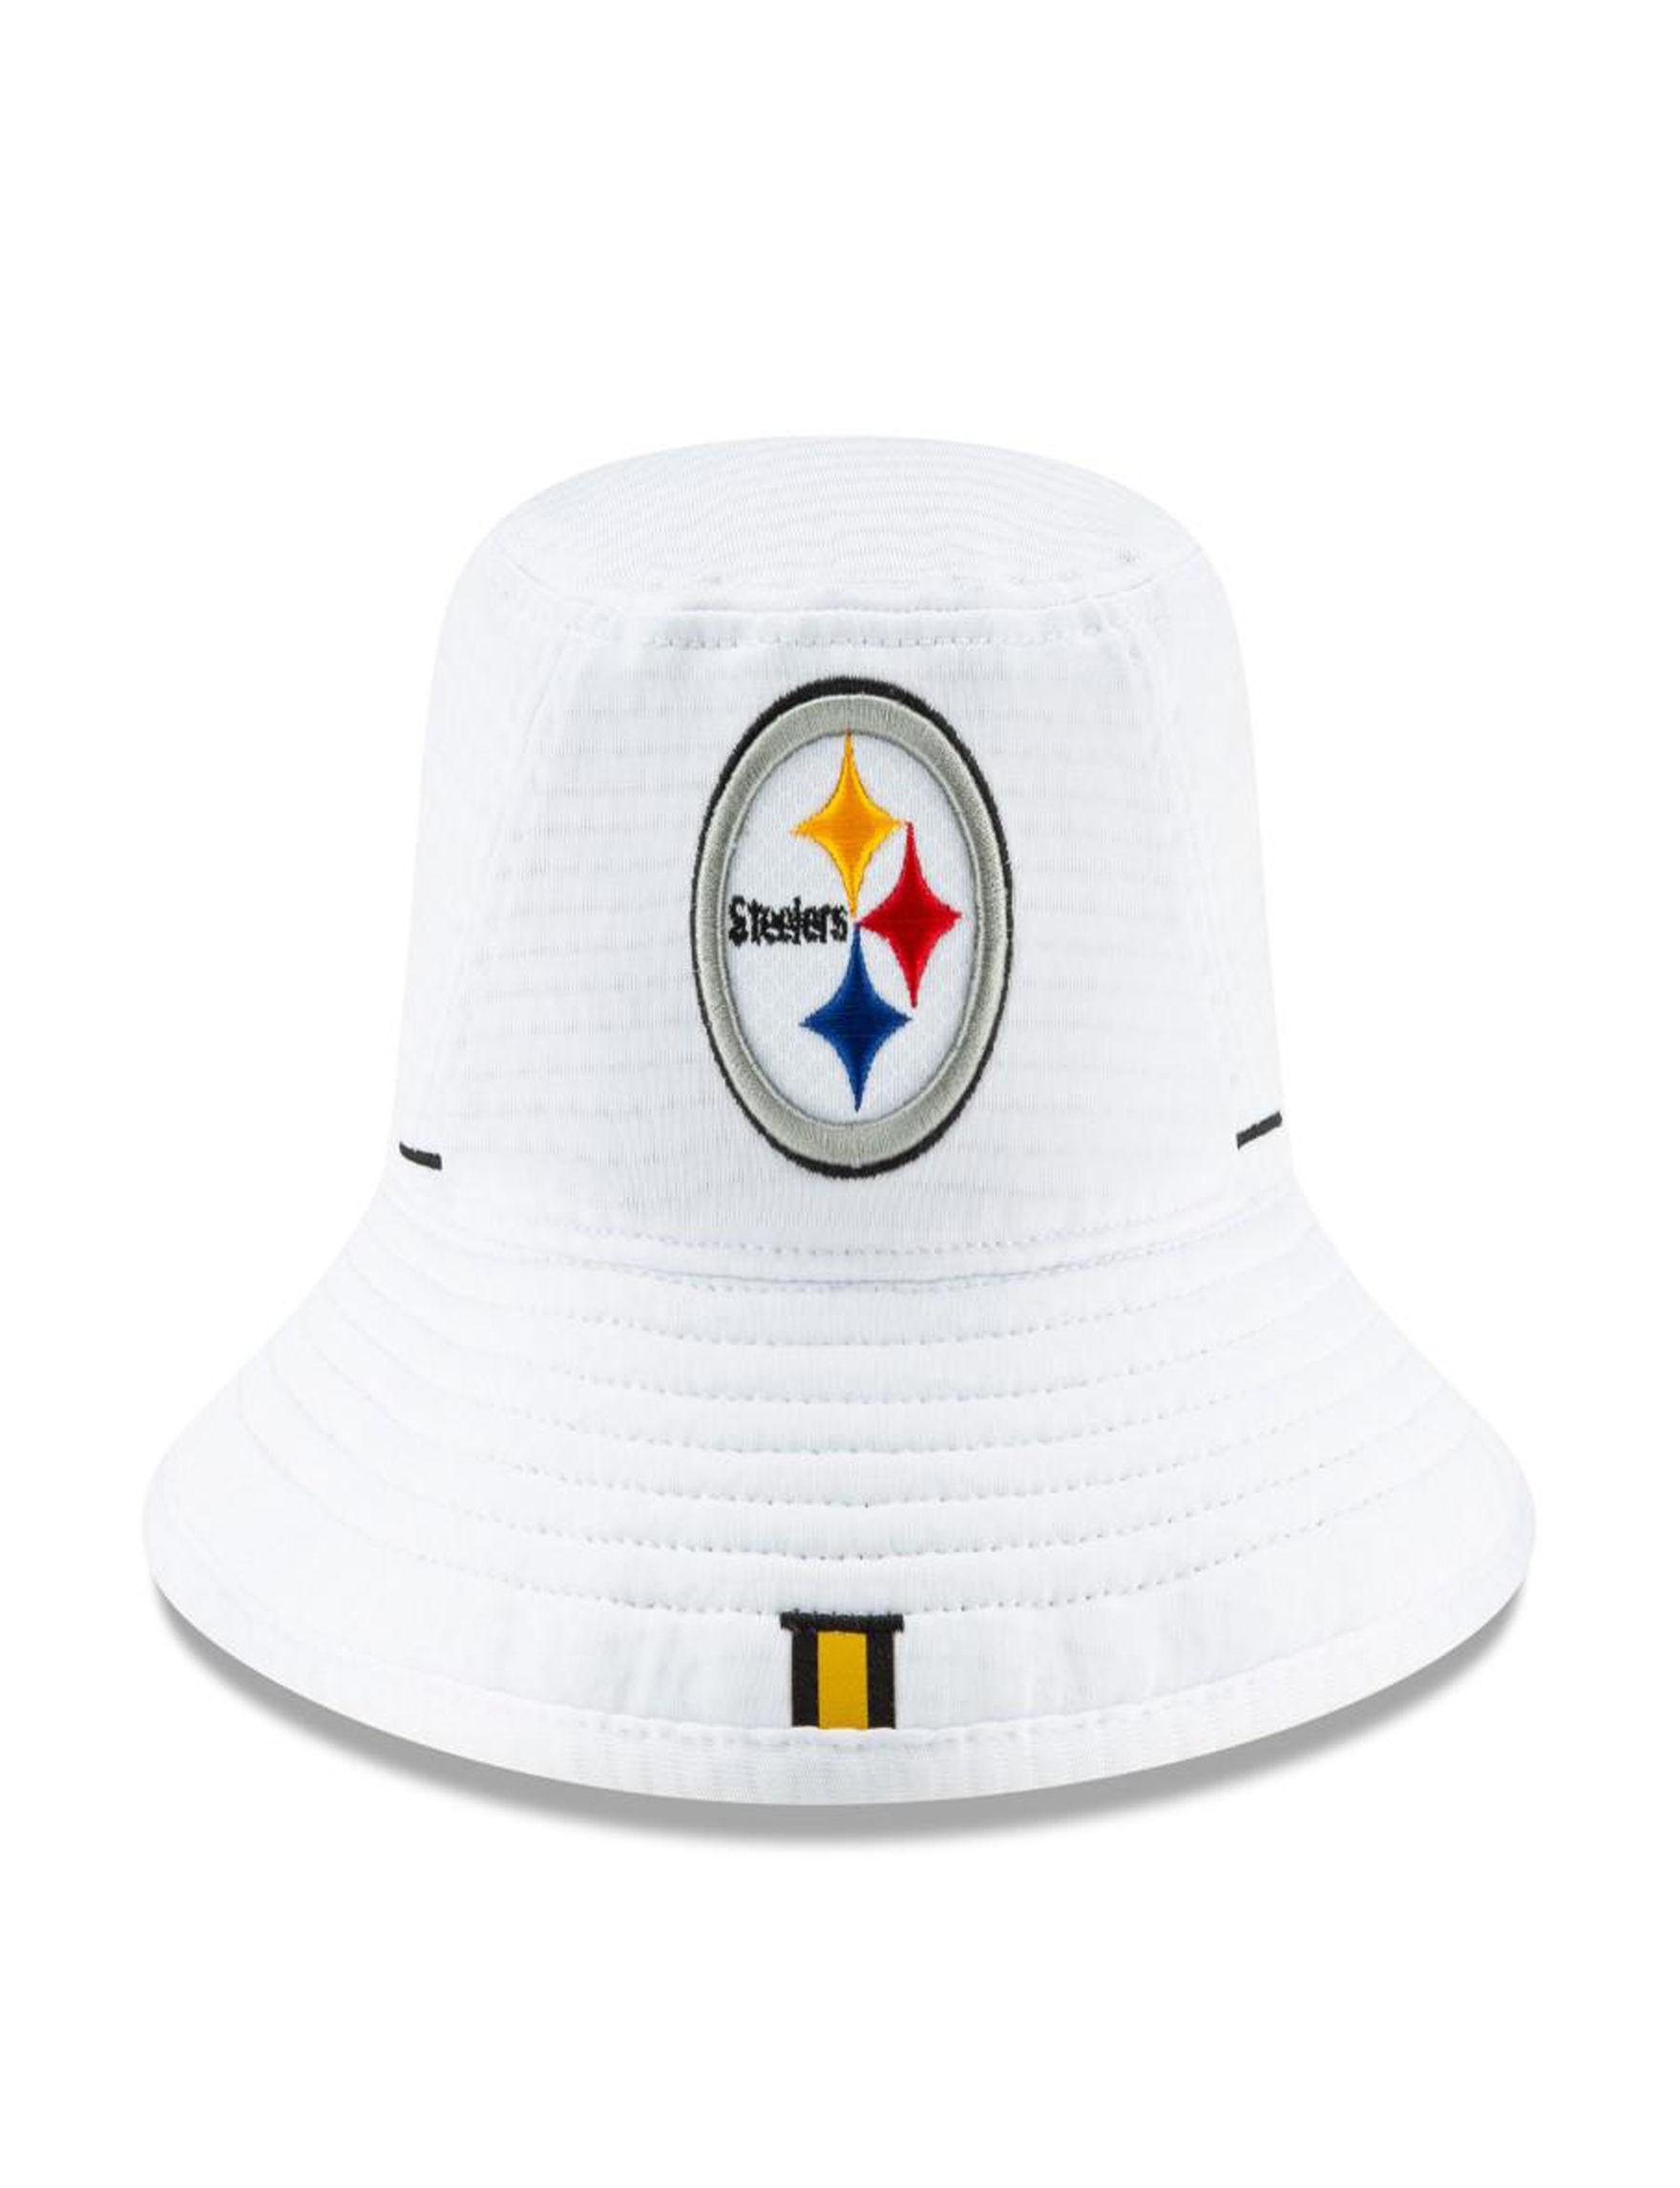 NFL White Hats & Headwear